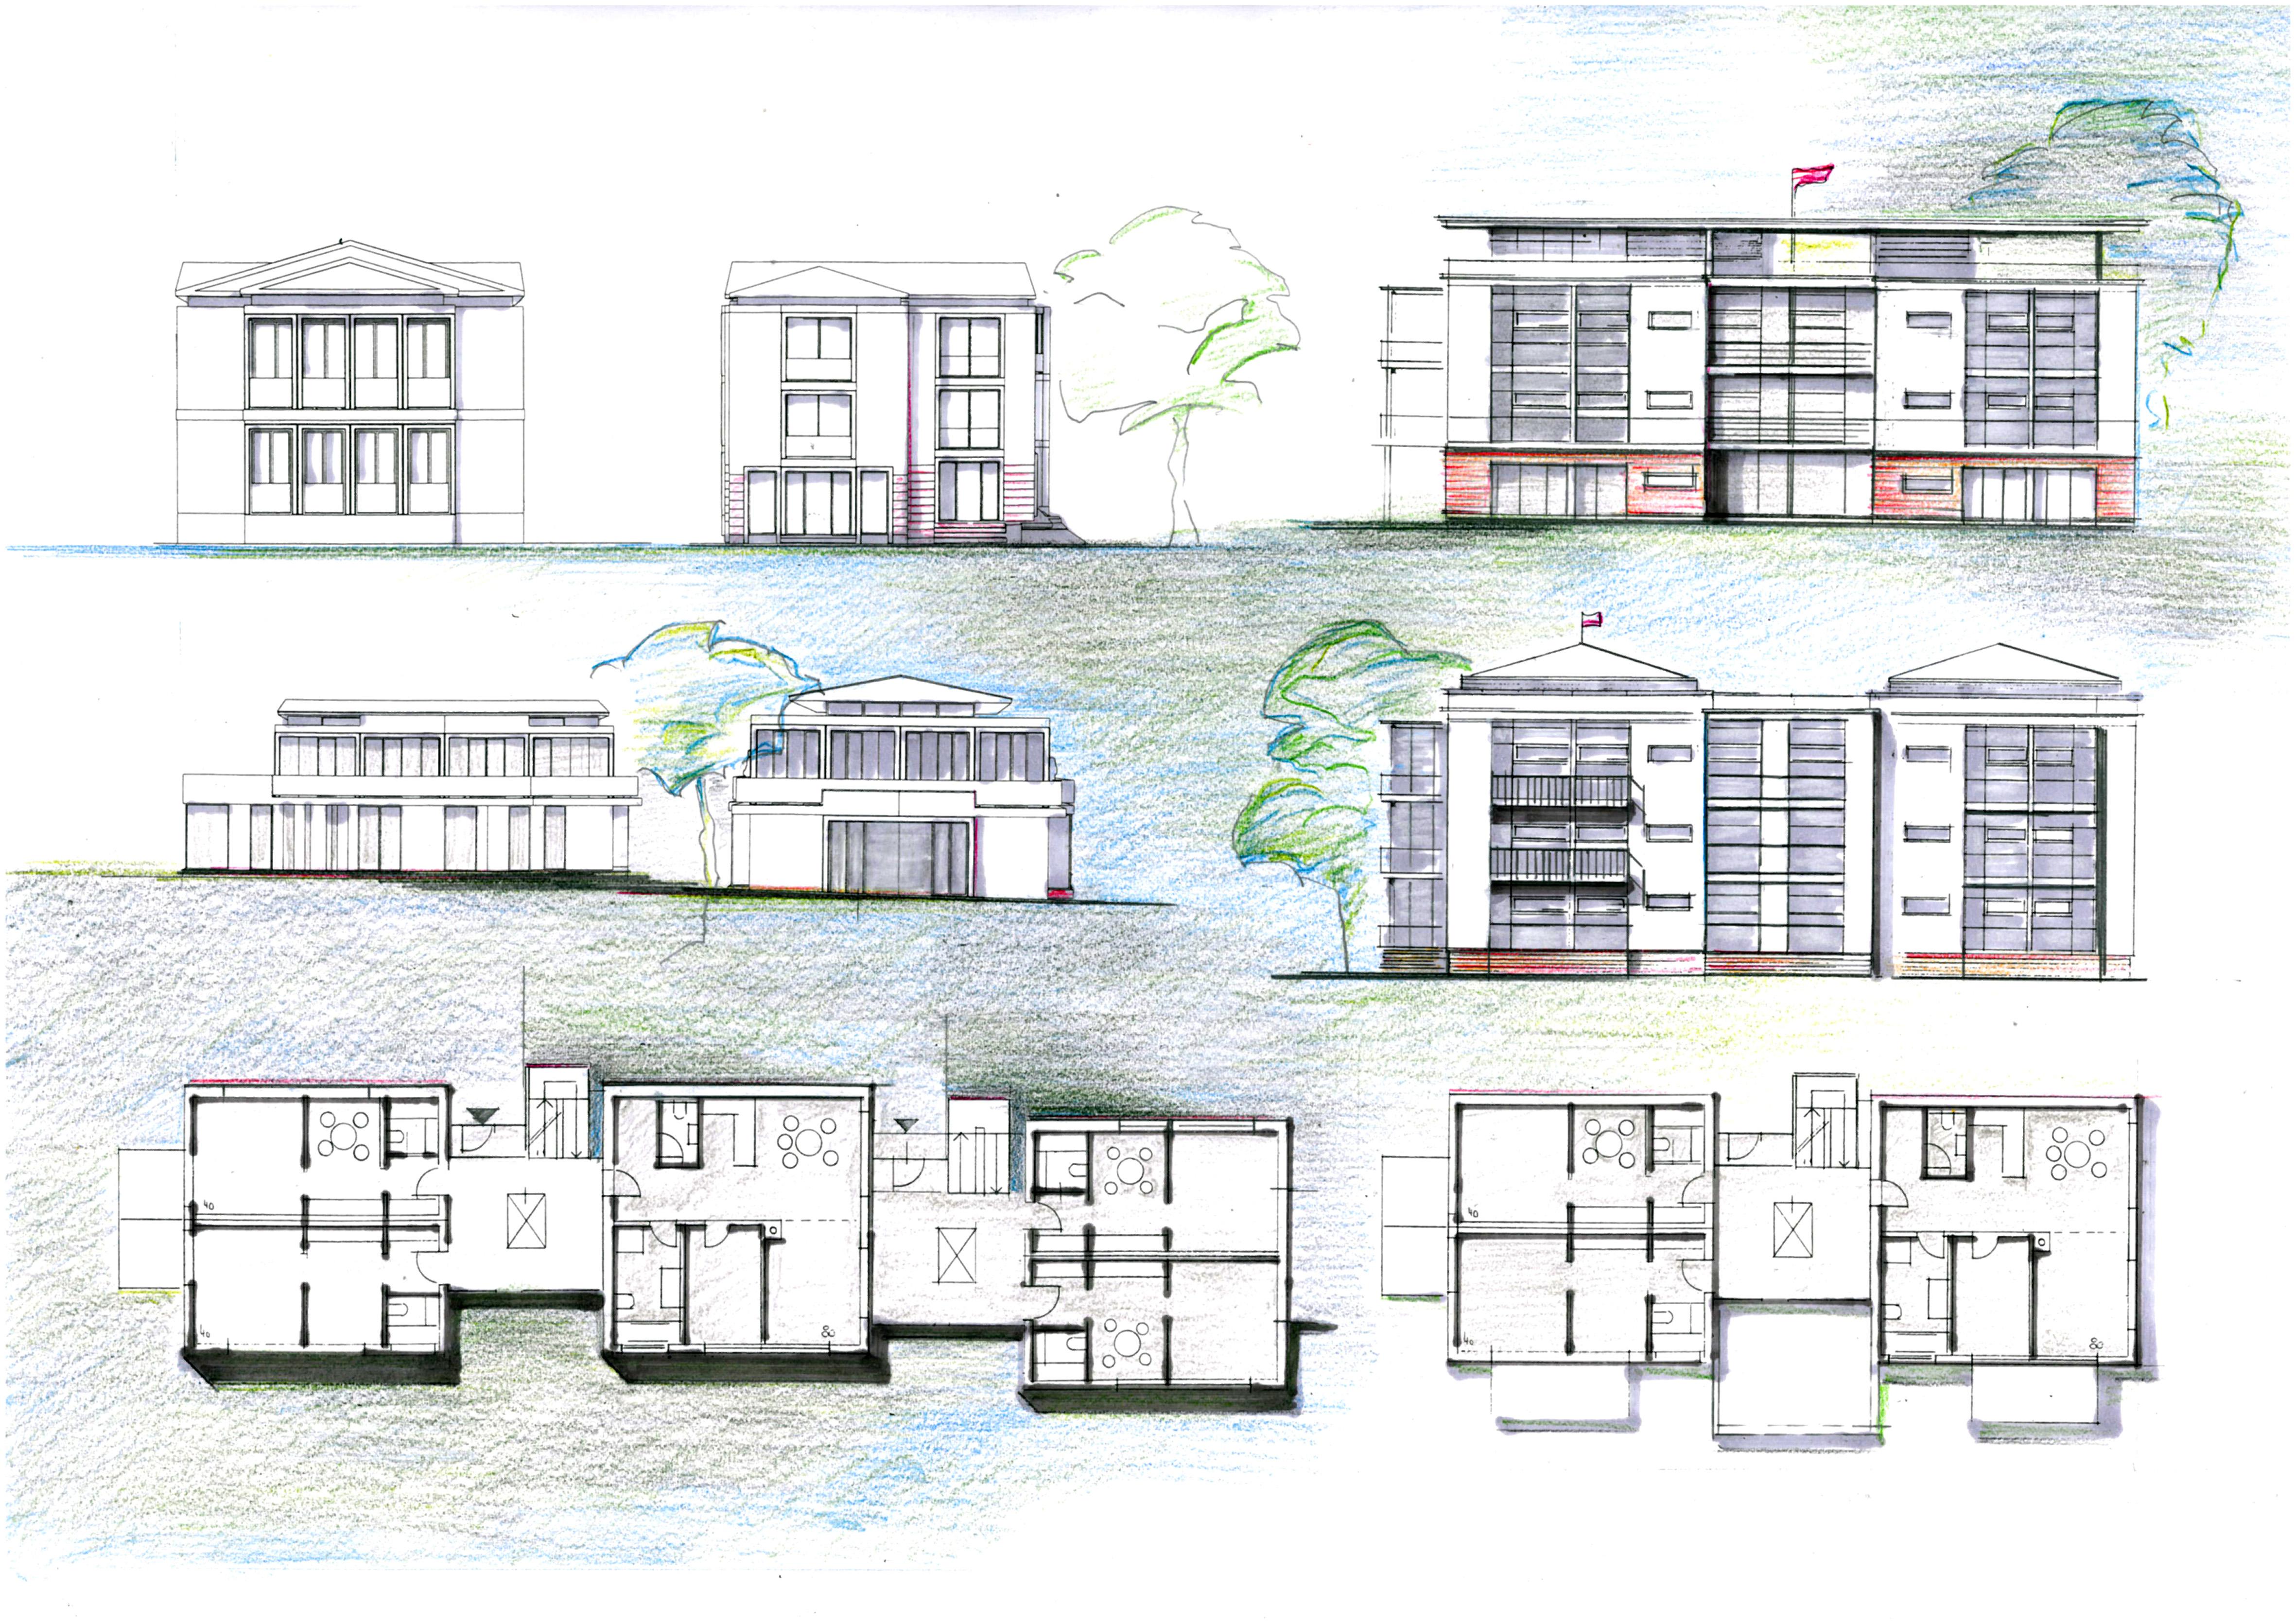 84 moderne architektur villa skizze herrlich grundrisse 3d grundriss einfamilienhaus 3d. Black Bedroom Furniture Sets. Home Design Ideas